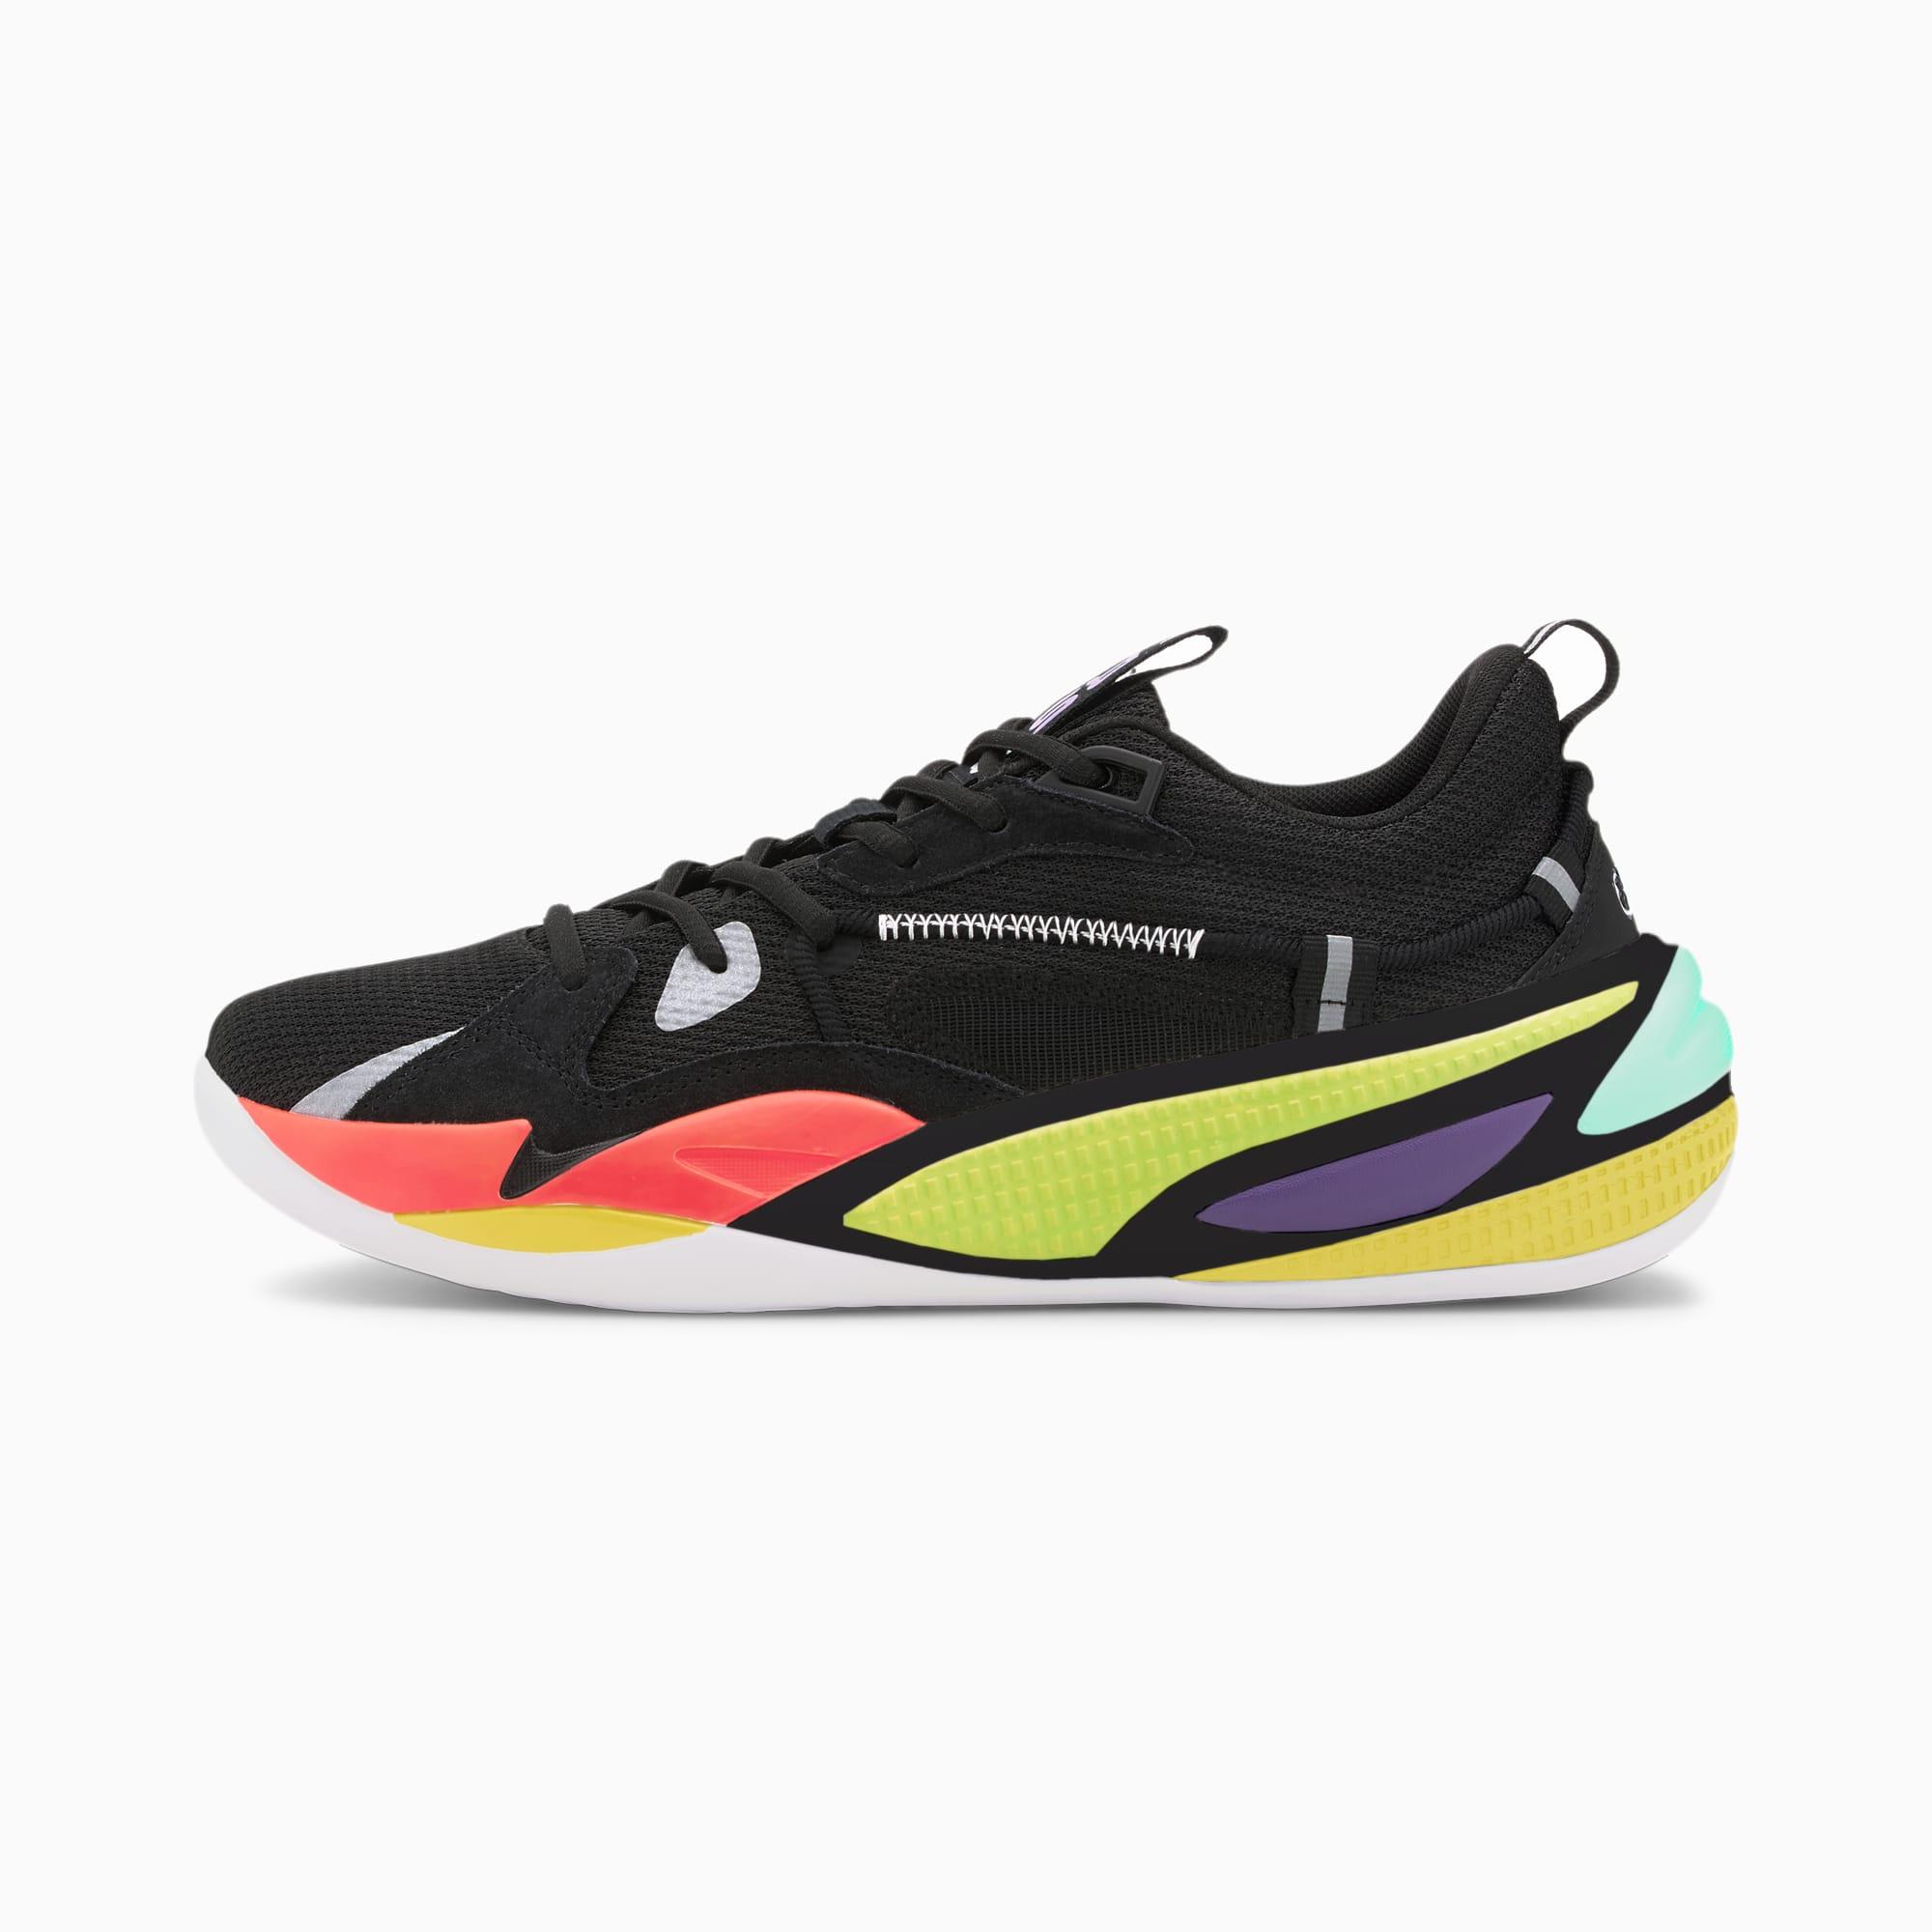 PUMA Chaussure de basket RS-Dreamer Proto, Noir/Rouge, Taille 42, Chaussures